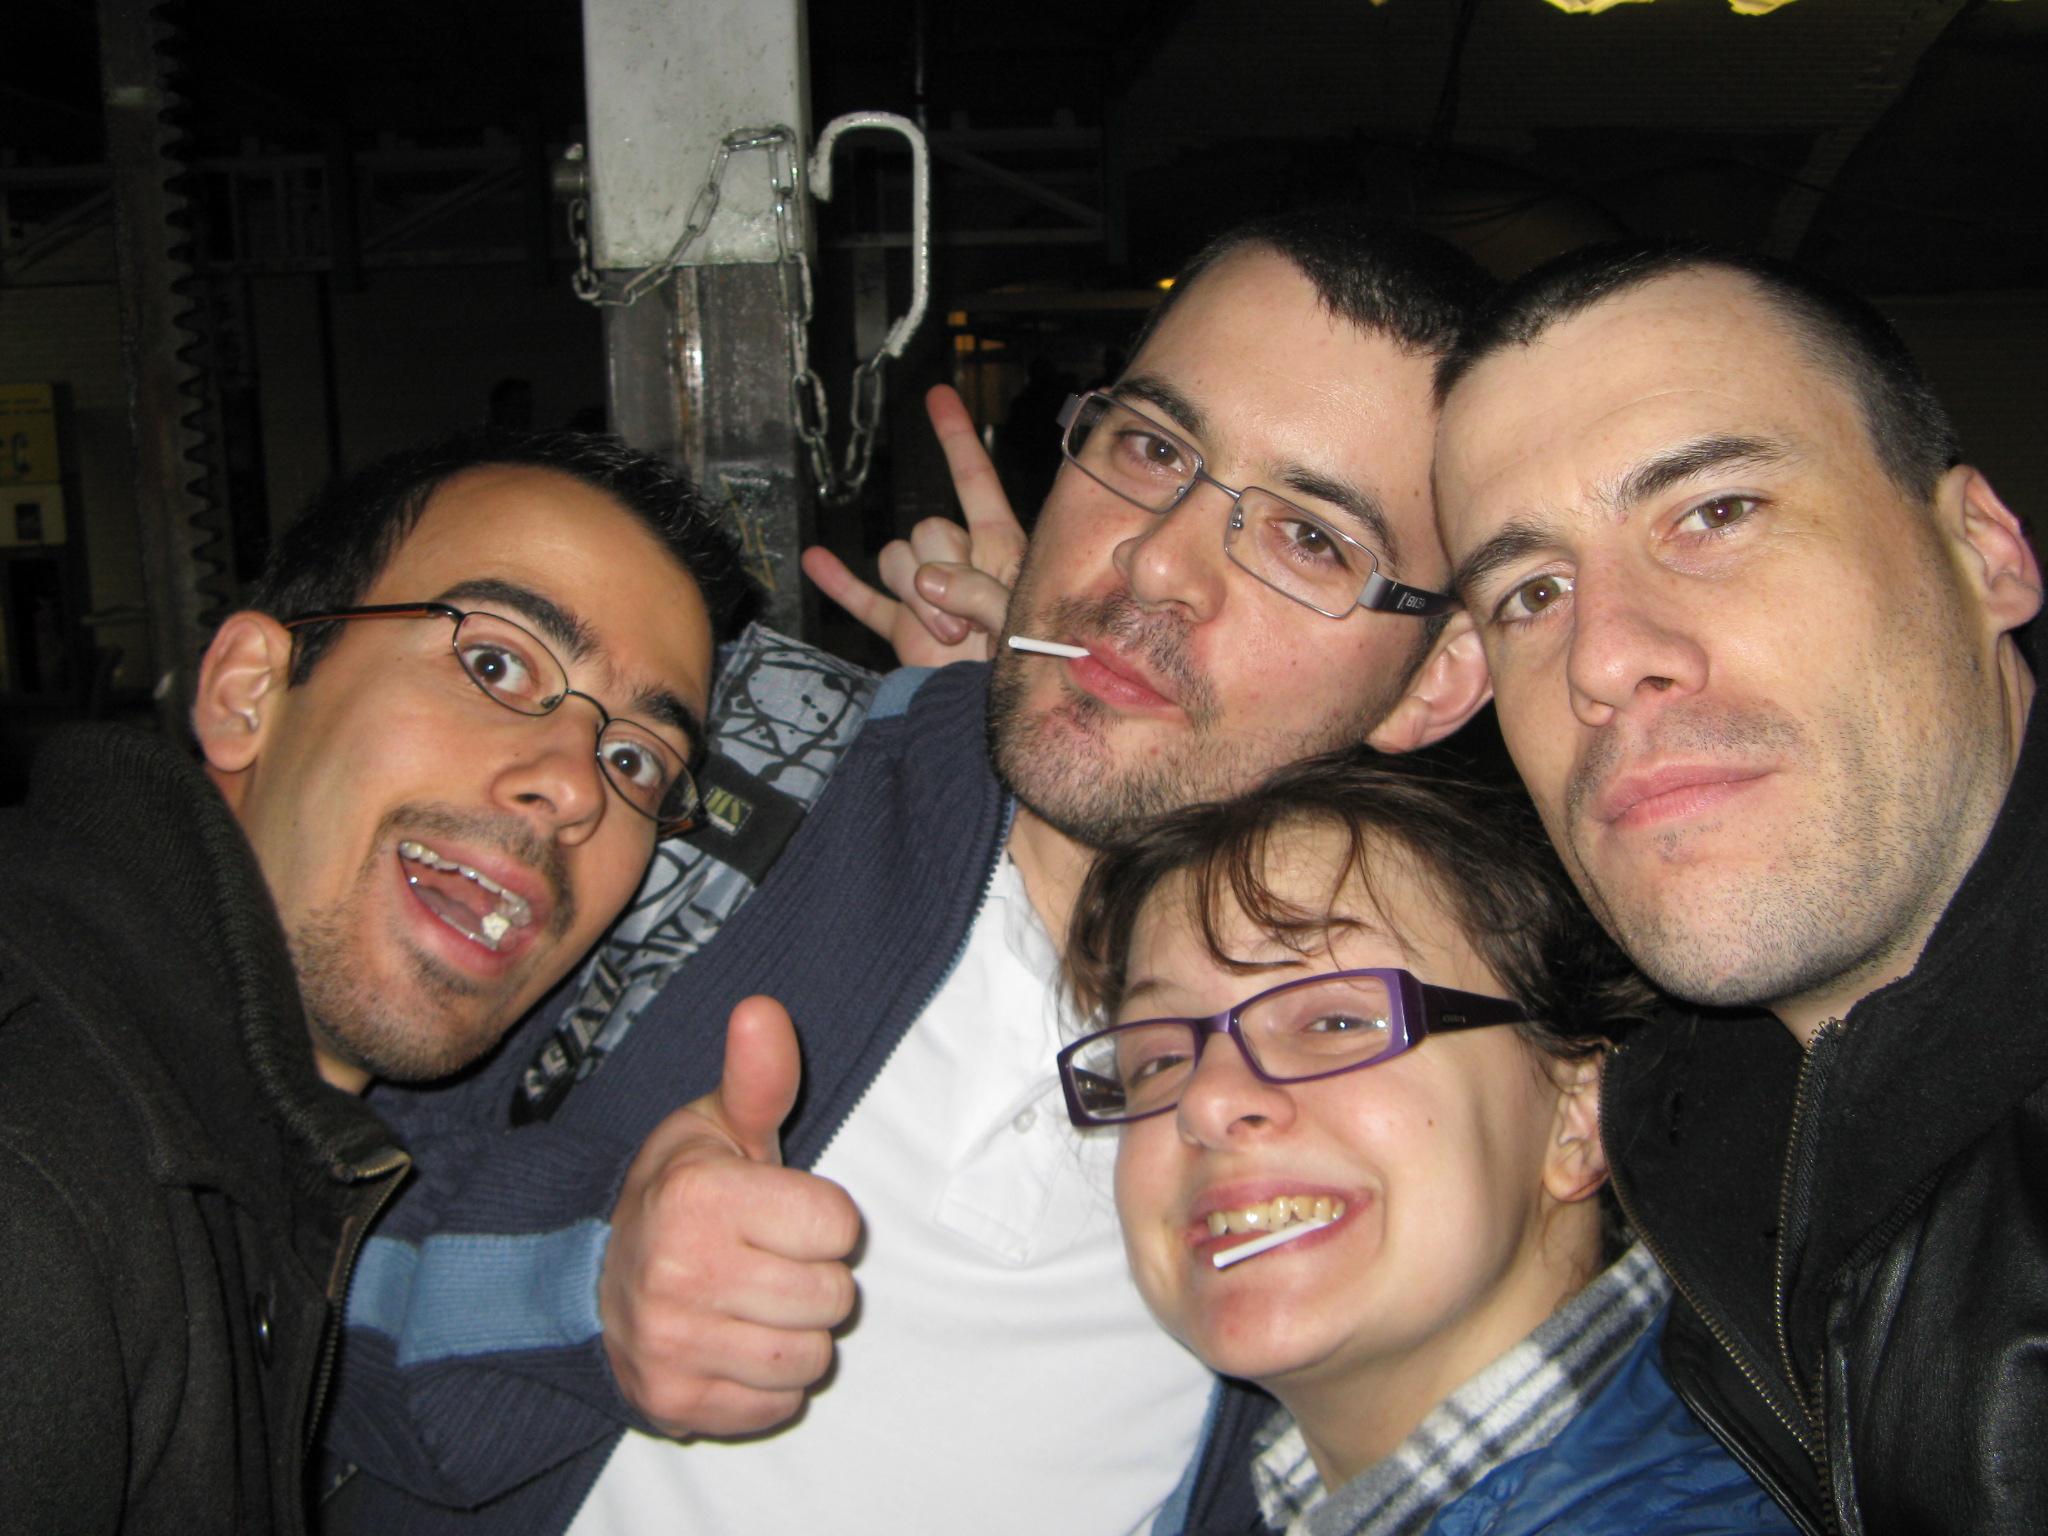 Photo 79 - Thrawn, boba.fett7, Padmeia et Joruus29